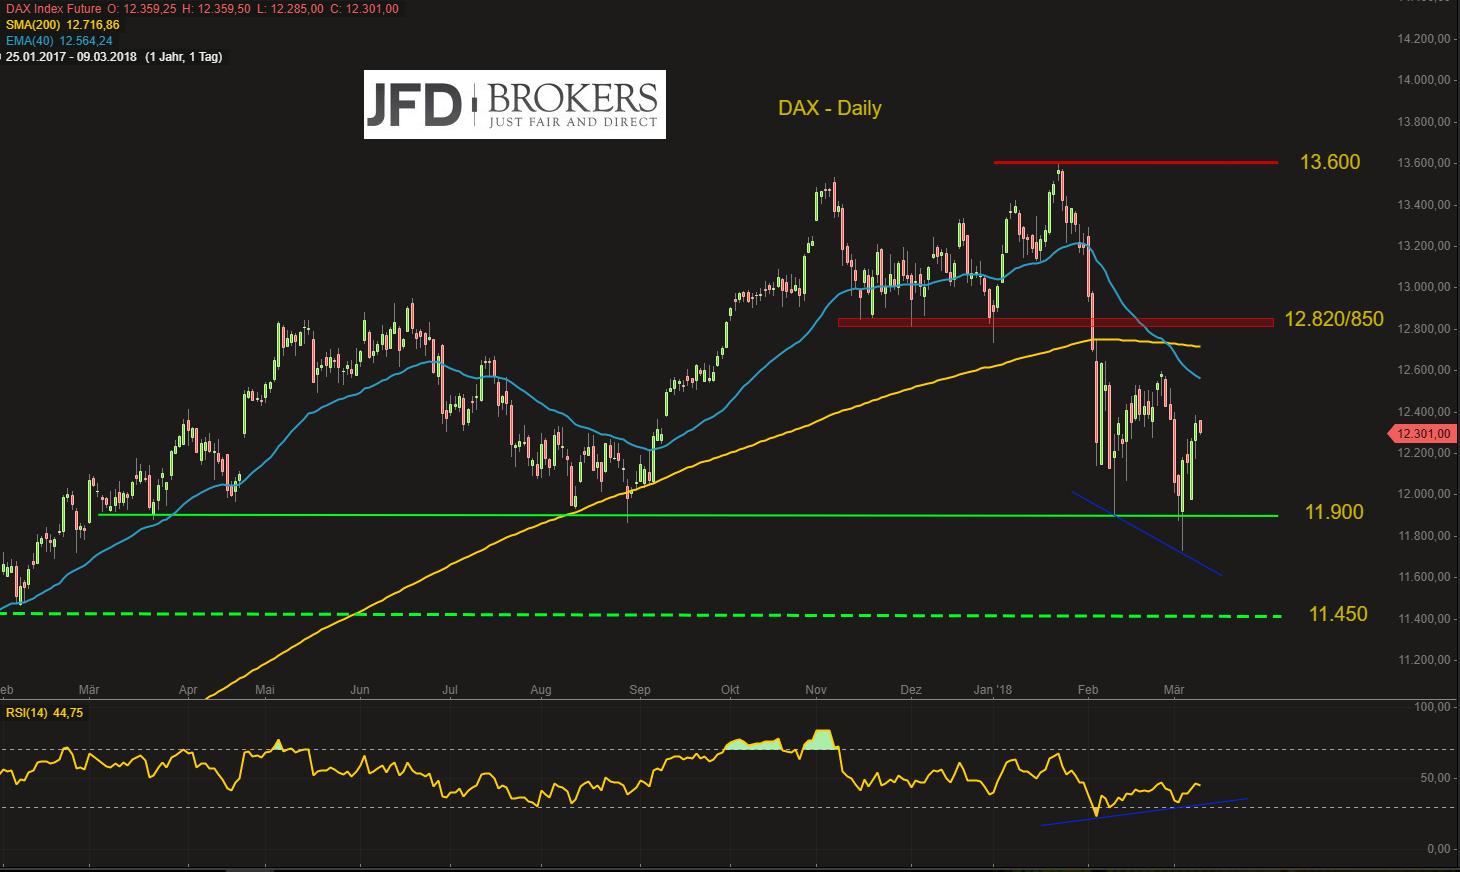 DAX-Ausblick-für-die-kommende-Woche-positiv-Ziel-um-12-600-Punkte-Kommentar-JFD-Brokers-GodmodeTrader.de-2